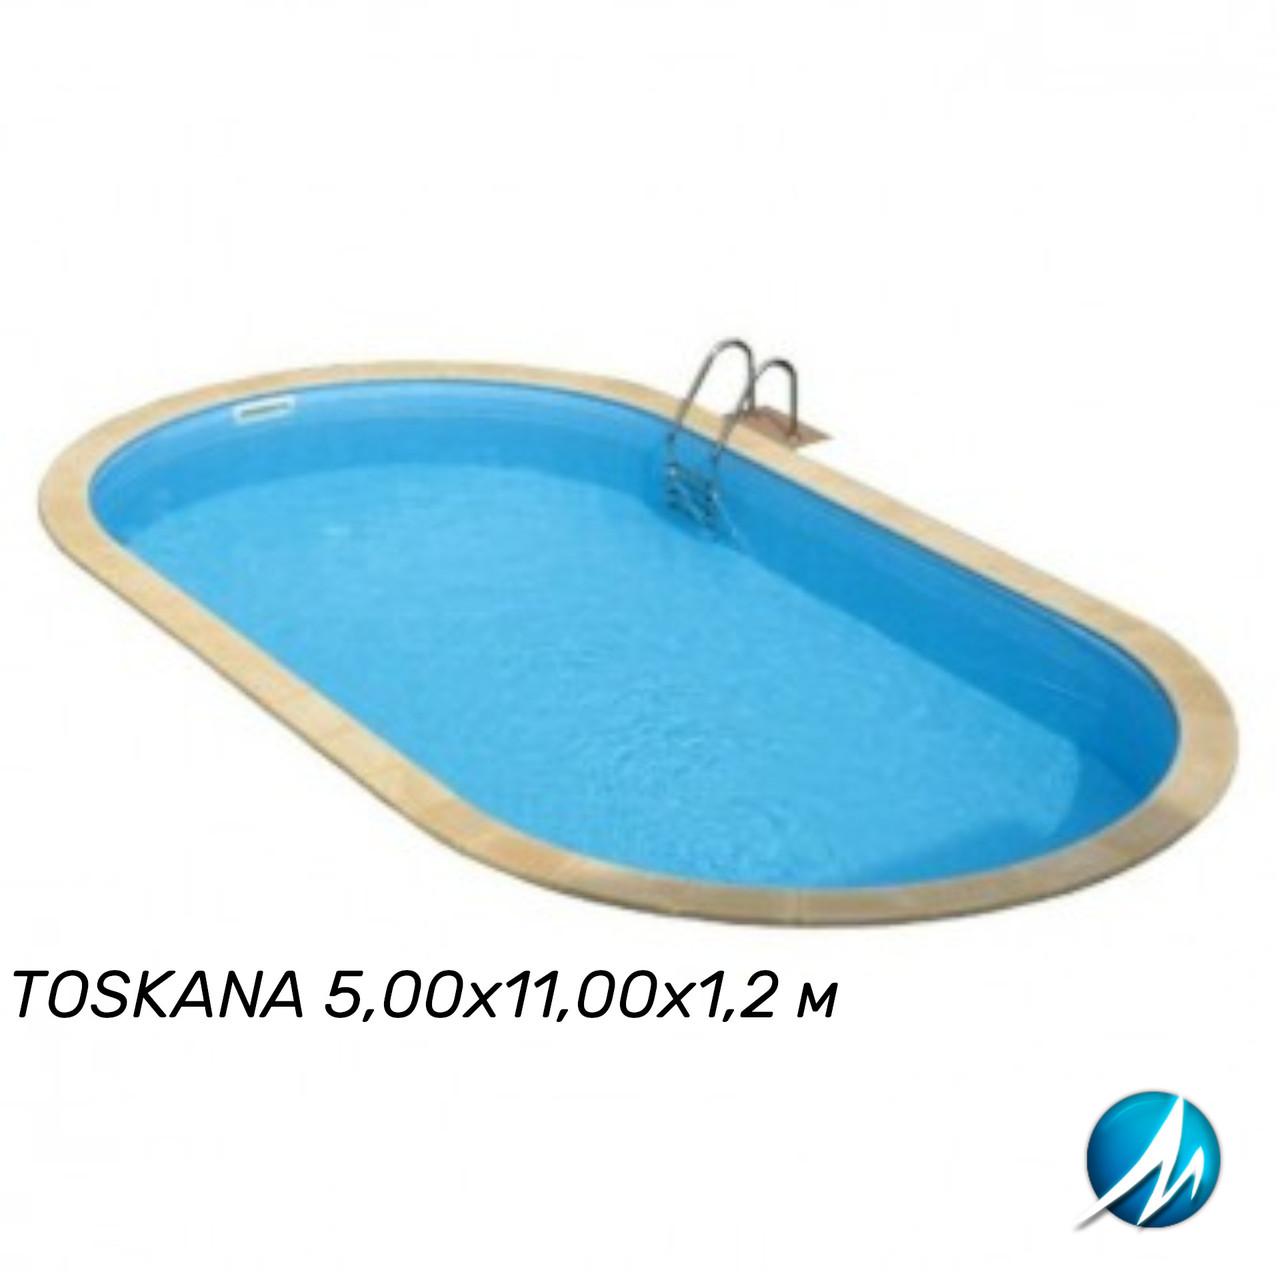 Сборный овальный бассейн TOSKANA 5,00х11,00х1,2 м, пленка 0,6 мм